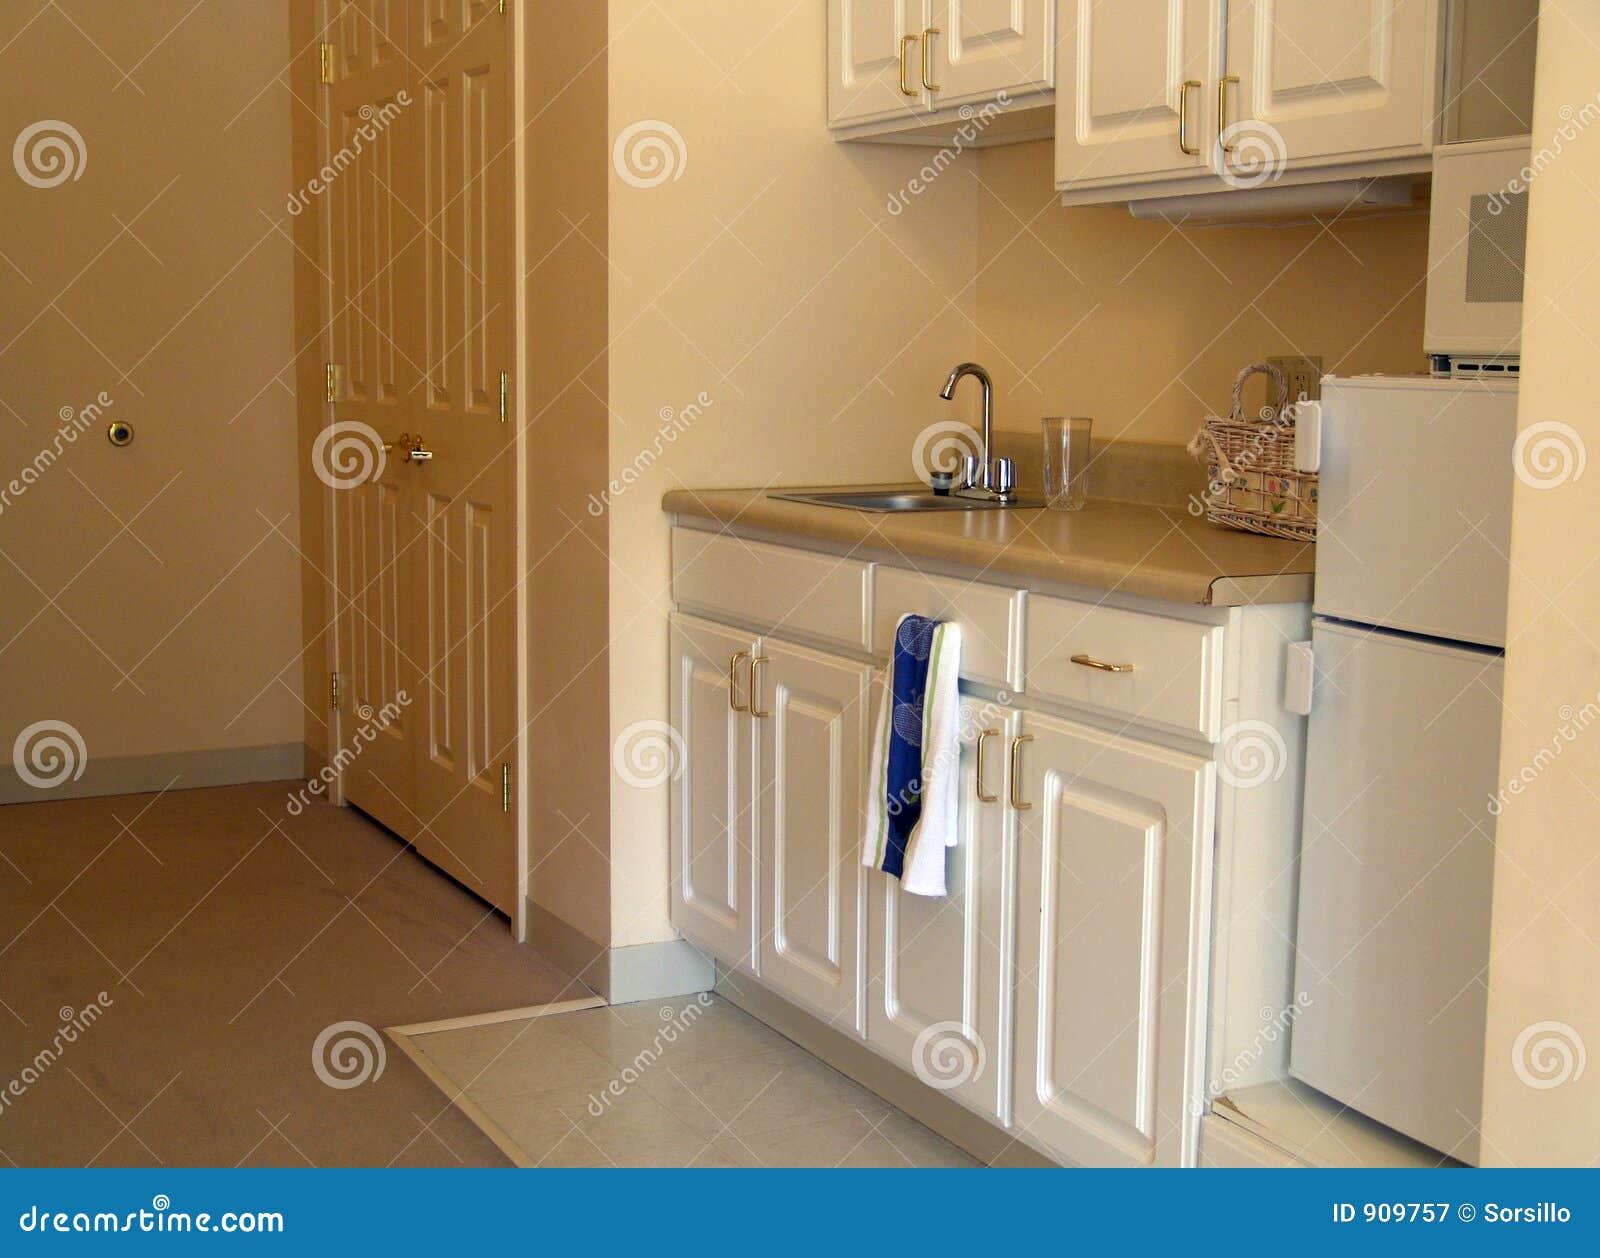 Kleine keuken in flat royalty vrije stock fotografie afbeelding 909757 - Kleine aangepaste keuken ...